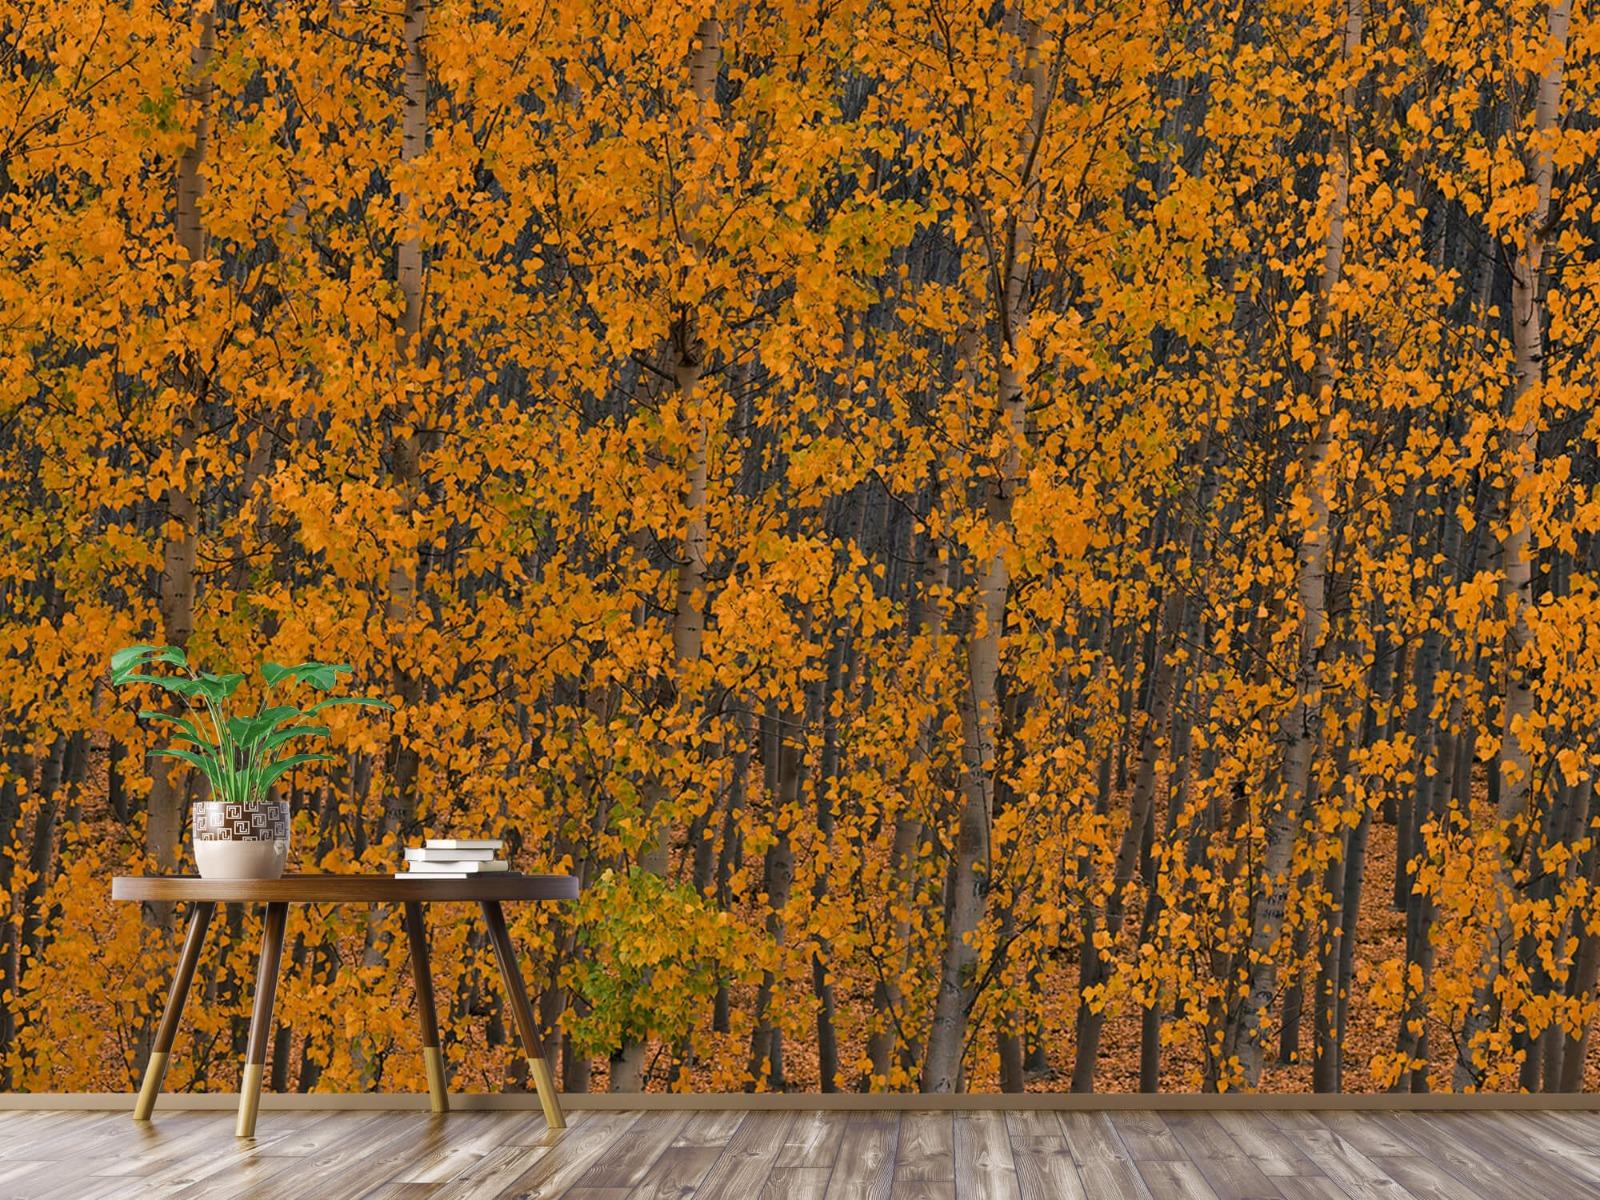 Herfst - Populieren bos - Slaapkamer 3